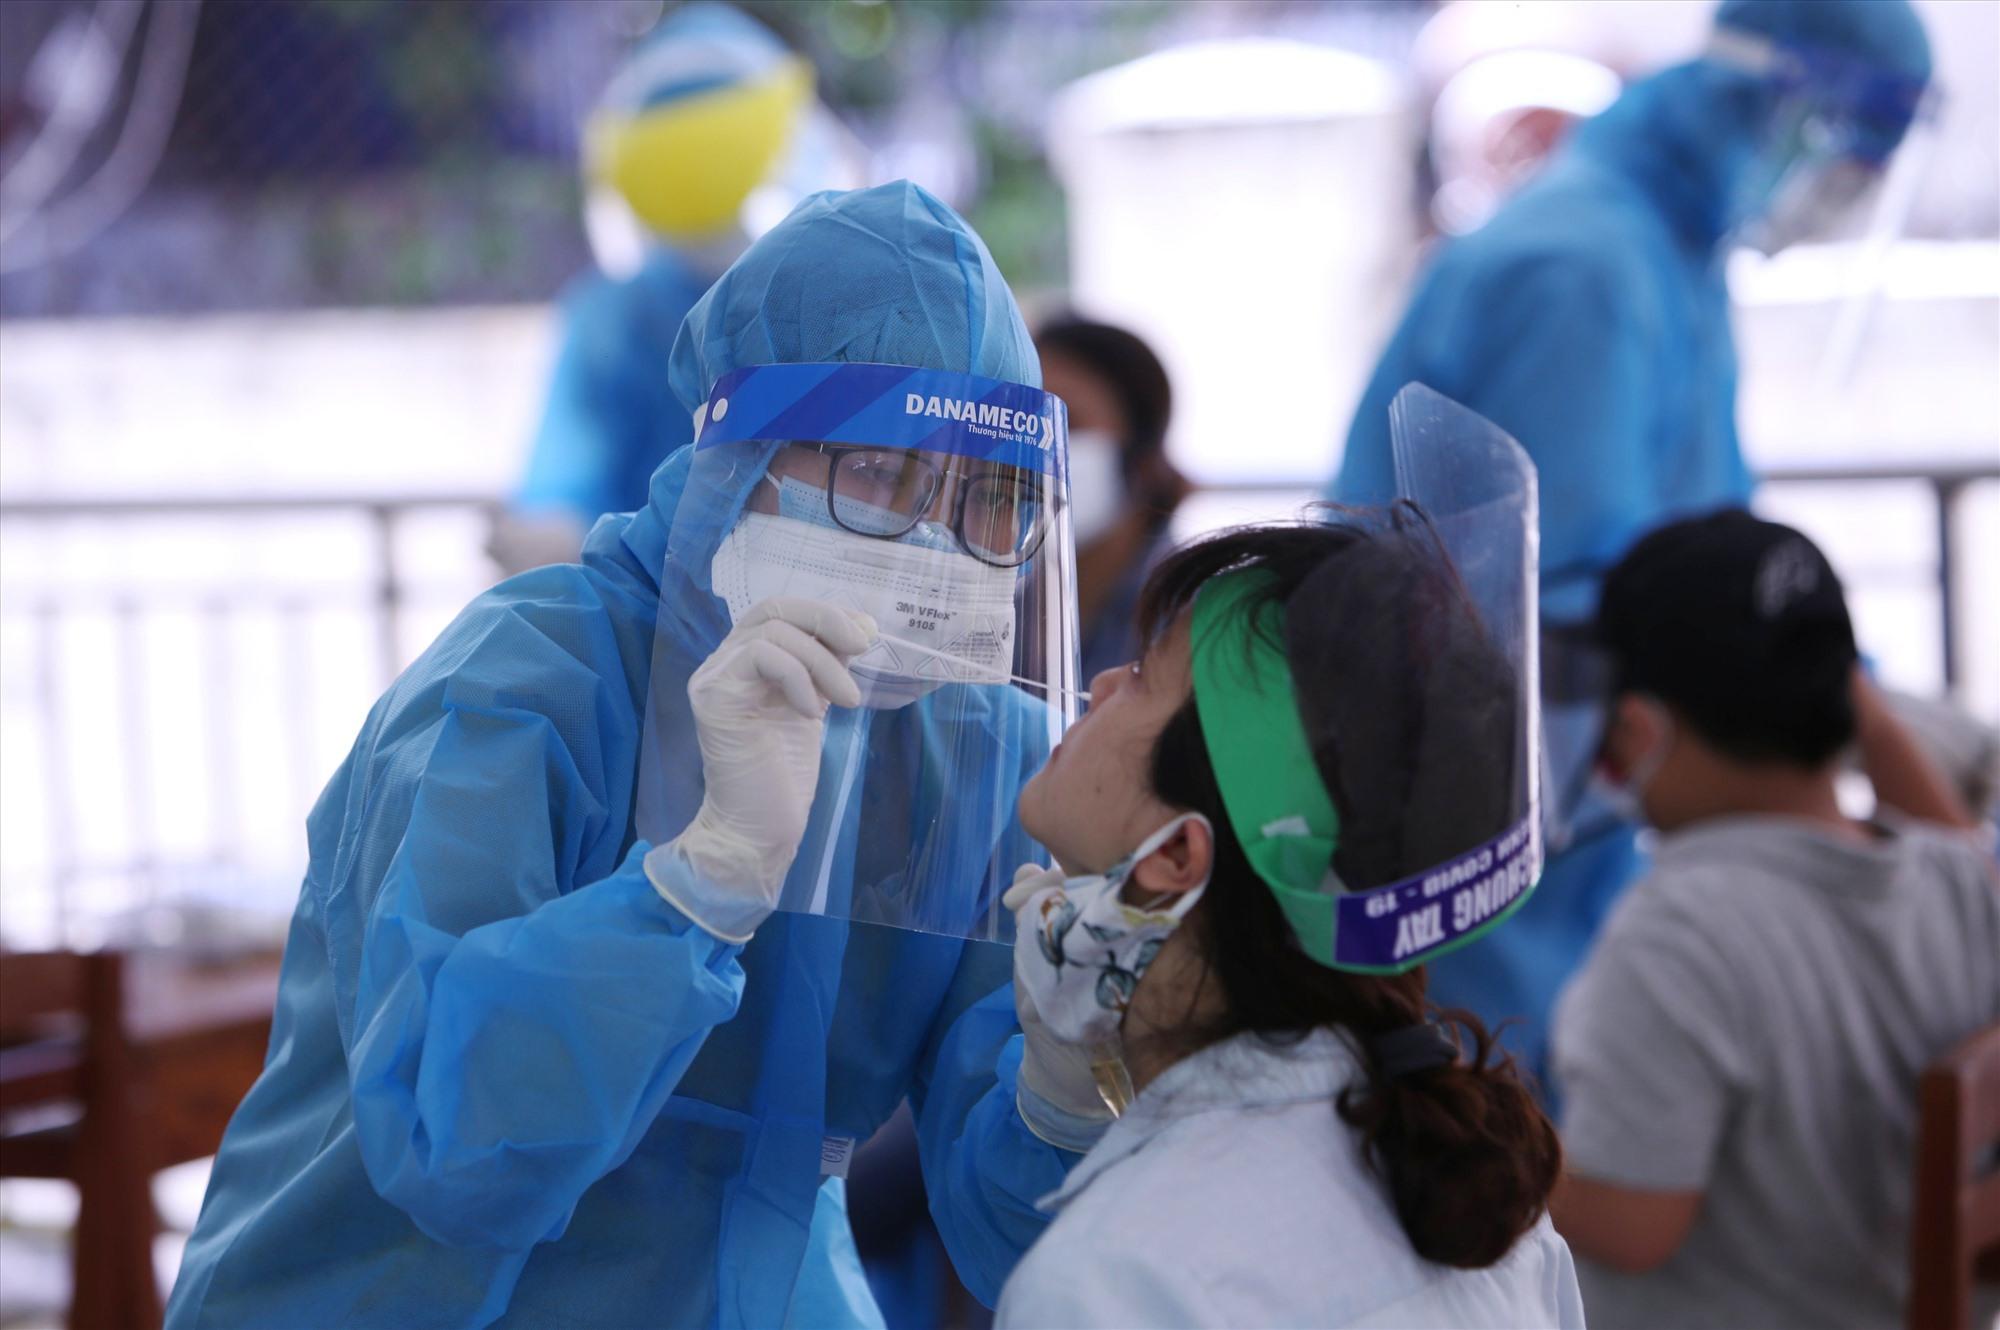 Xét nghiệm COVID-19 tại Đà Nẵng. - Ảnh: VGP